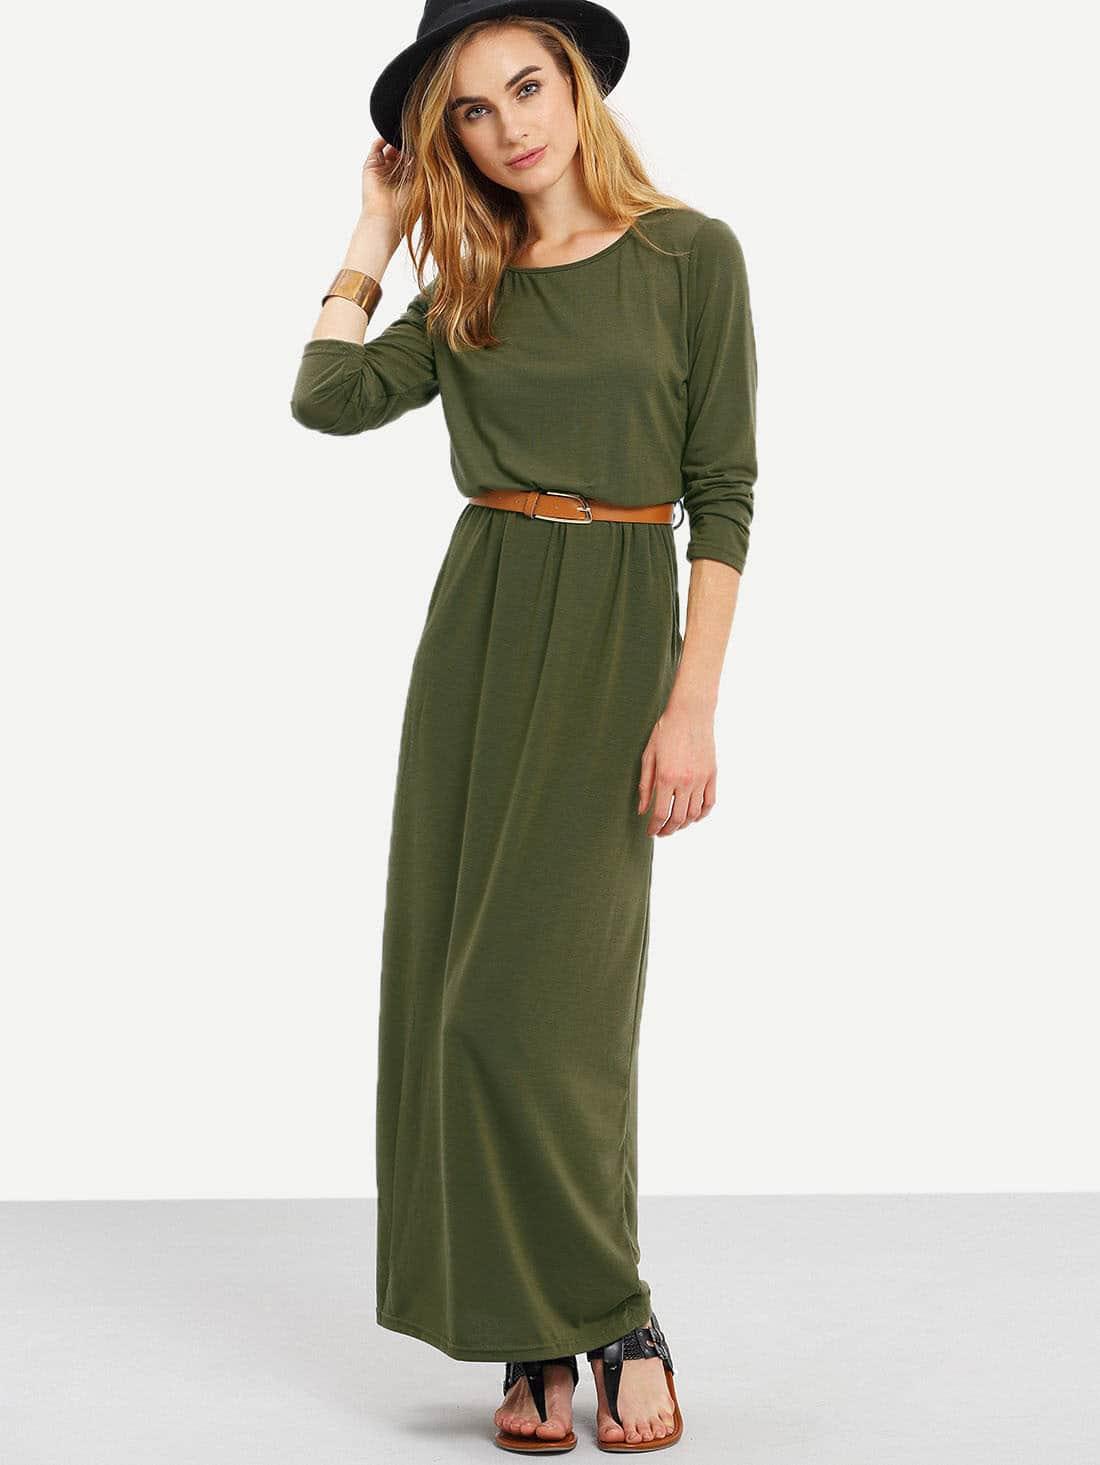 Long Sleeve Pockets Maxi Dress